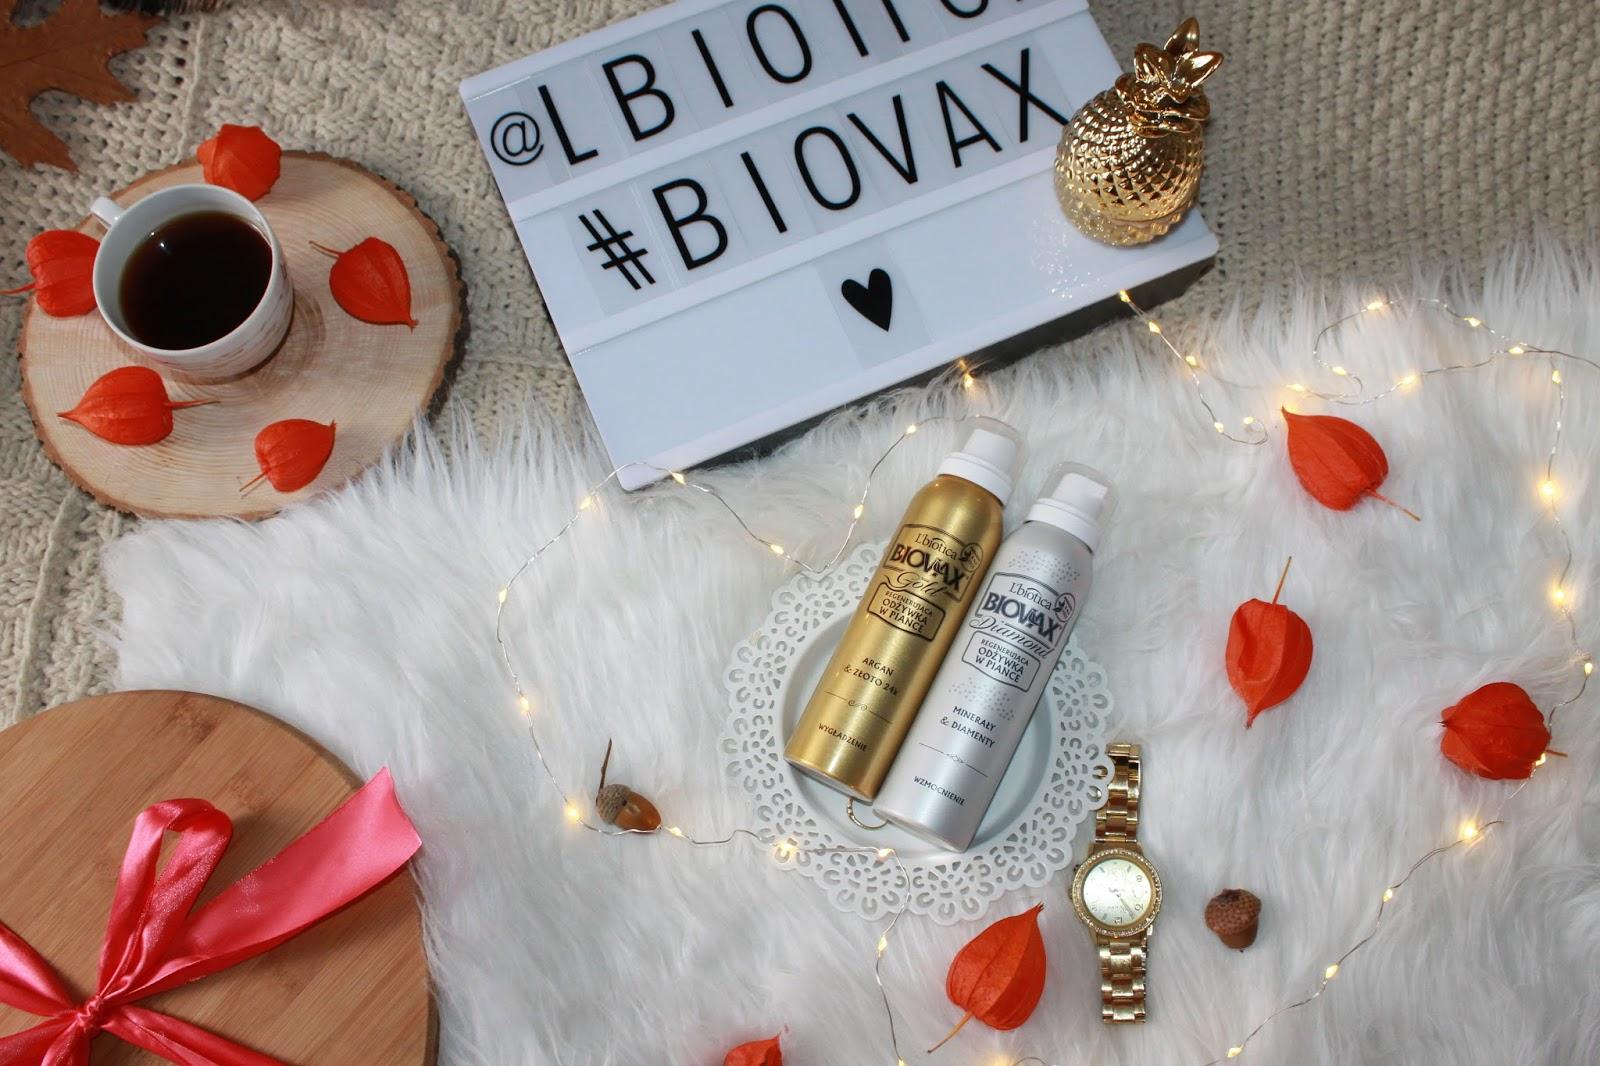 L'biotica Biovax Glamour - regenerujące odżywki w piance - HIT czy KIT?